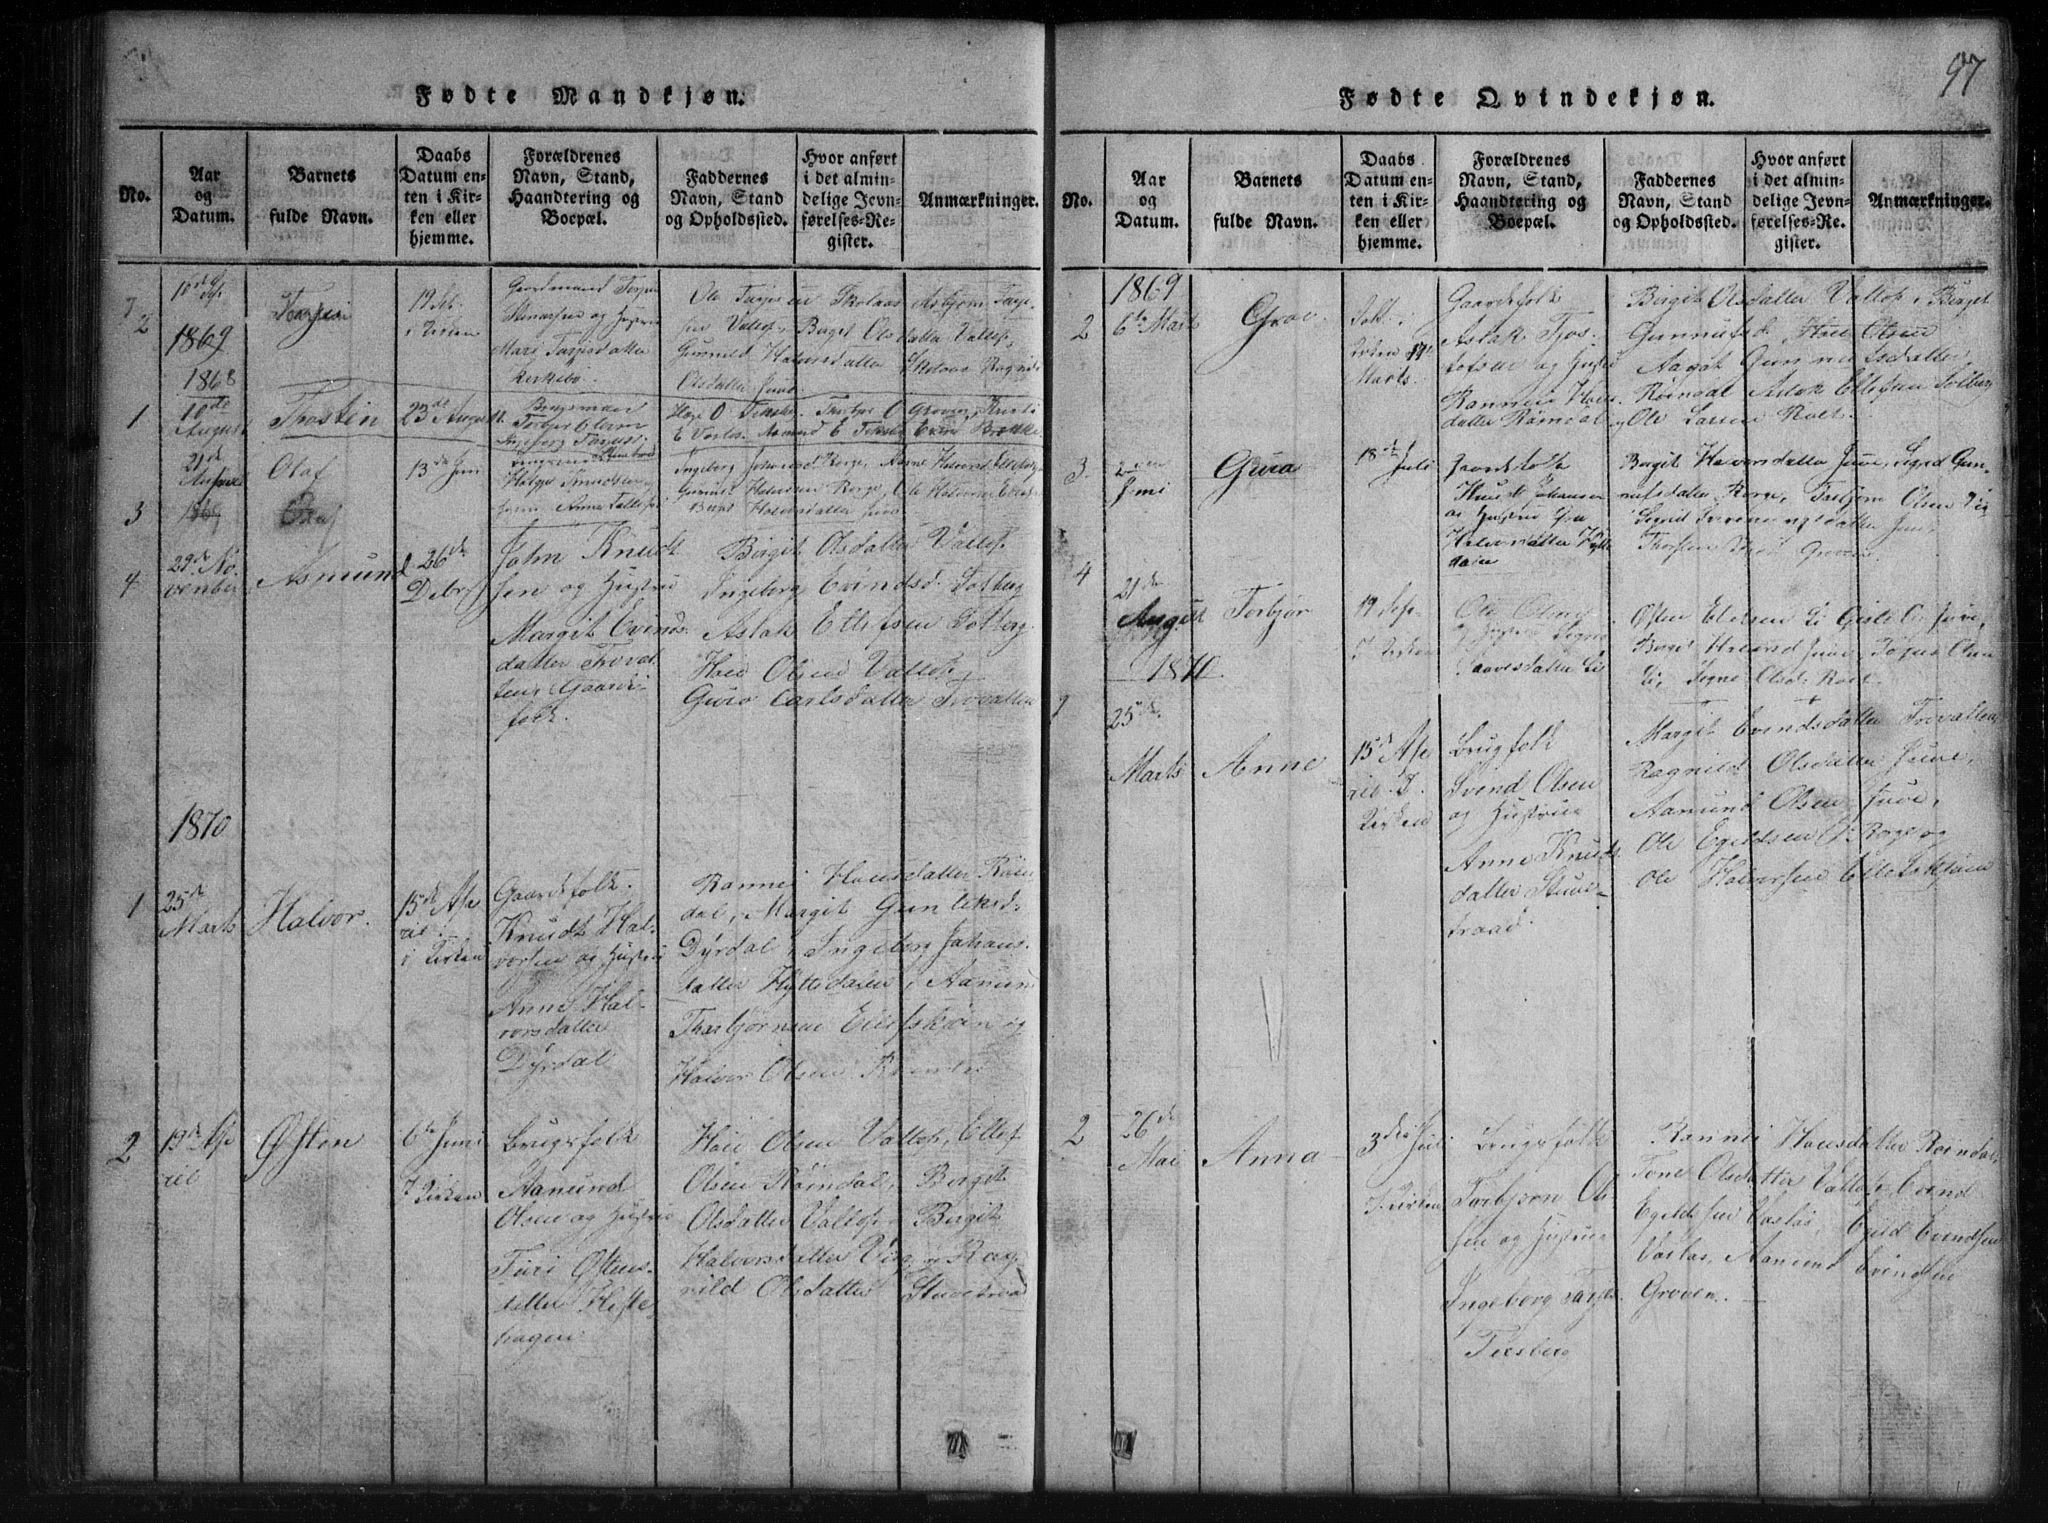 SAKO, Rauland kirkebøker, G/Gb/L0001: Klokkerbok nr. II 1, 1815-1886, s. 57